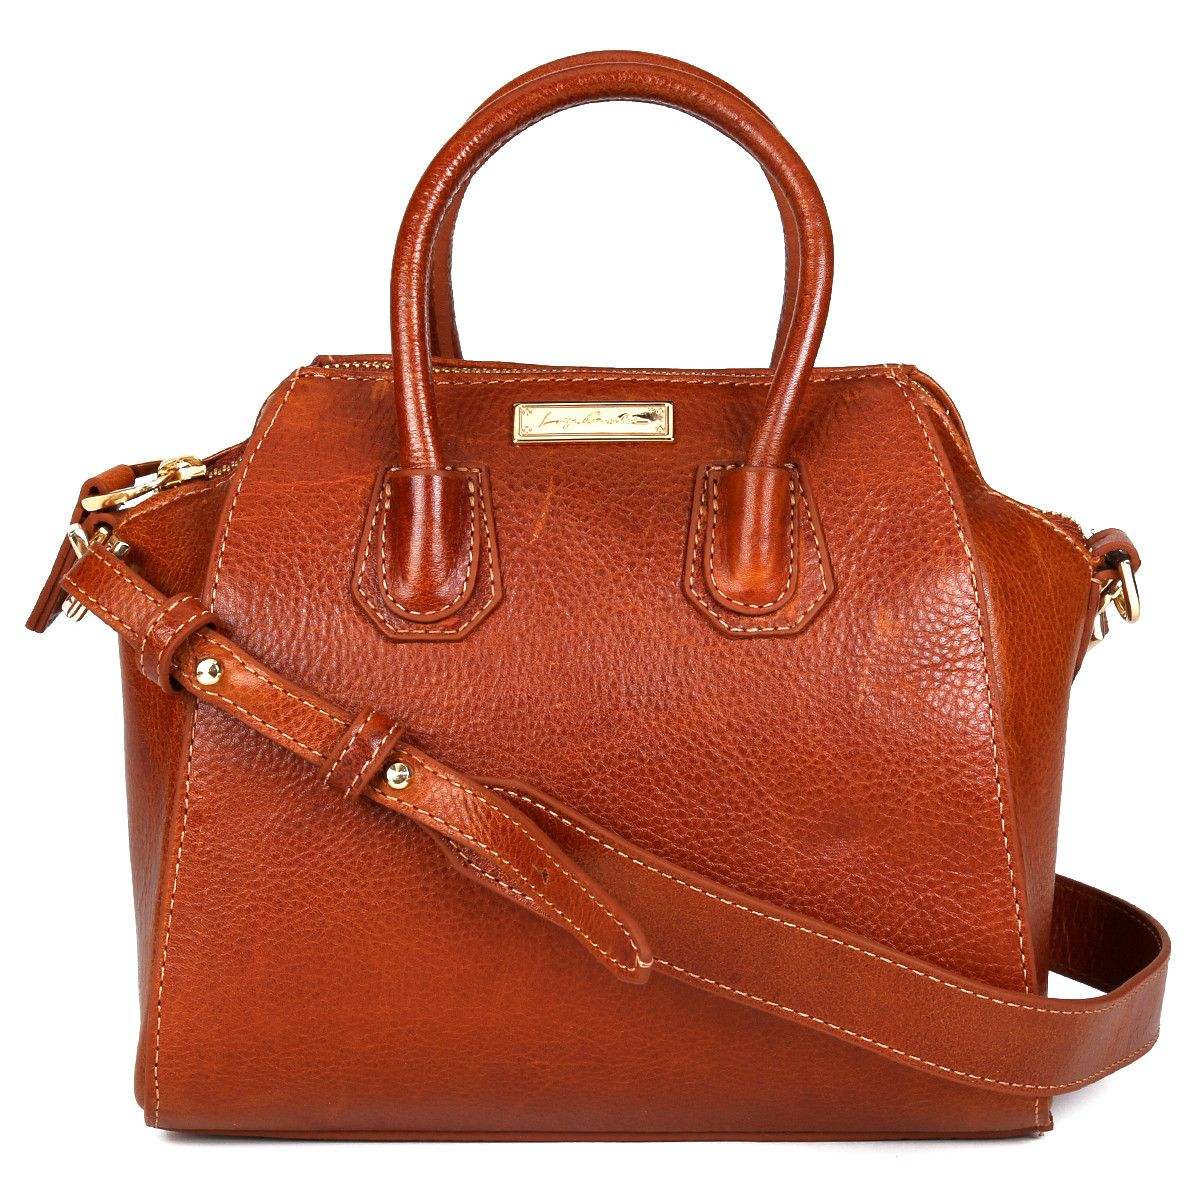 e2222b5e4 Bolsa Luiza Barcelos Mini Bag Marrom | Zattini | Bolsas e calçados ...